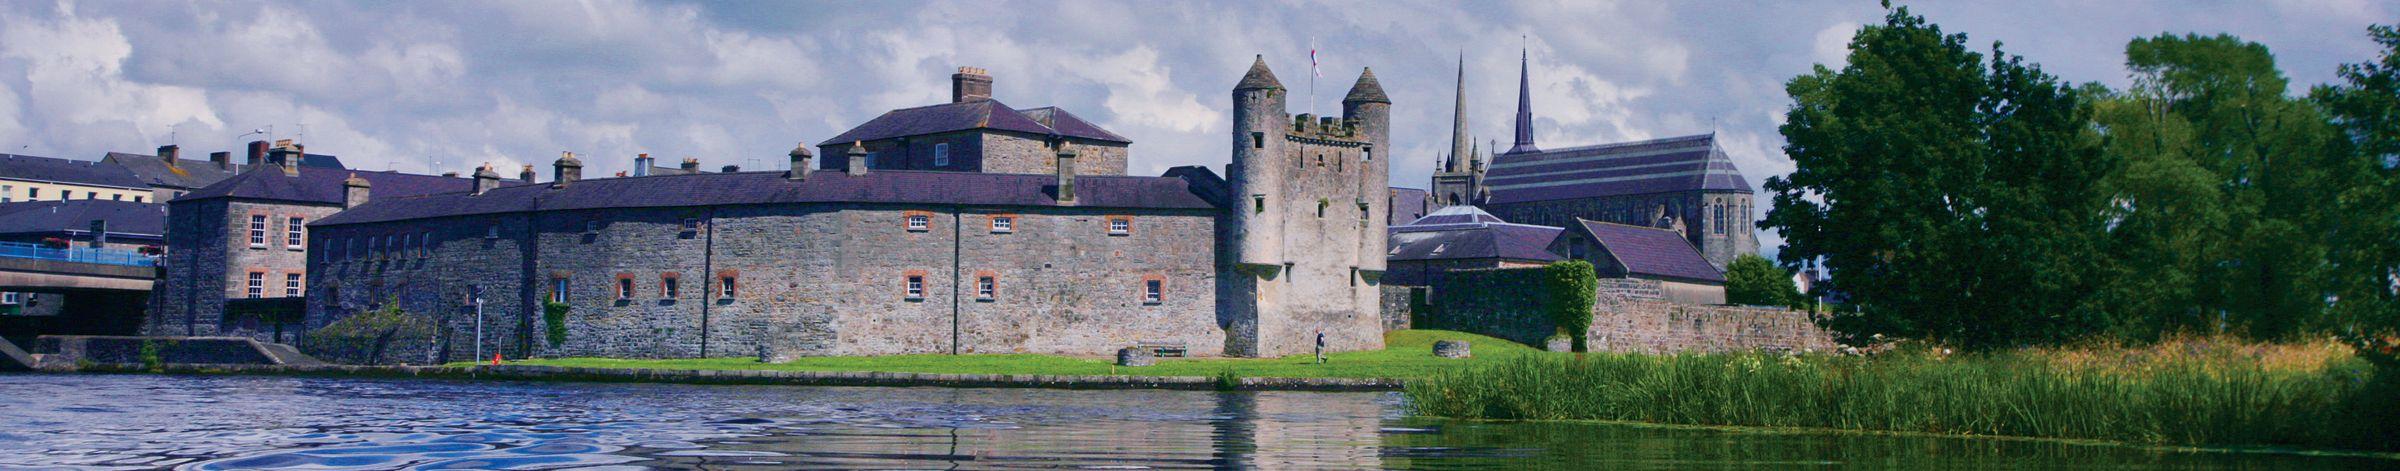 Enniskillen Castle Fermanagh Nothern Ireland